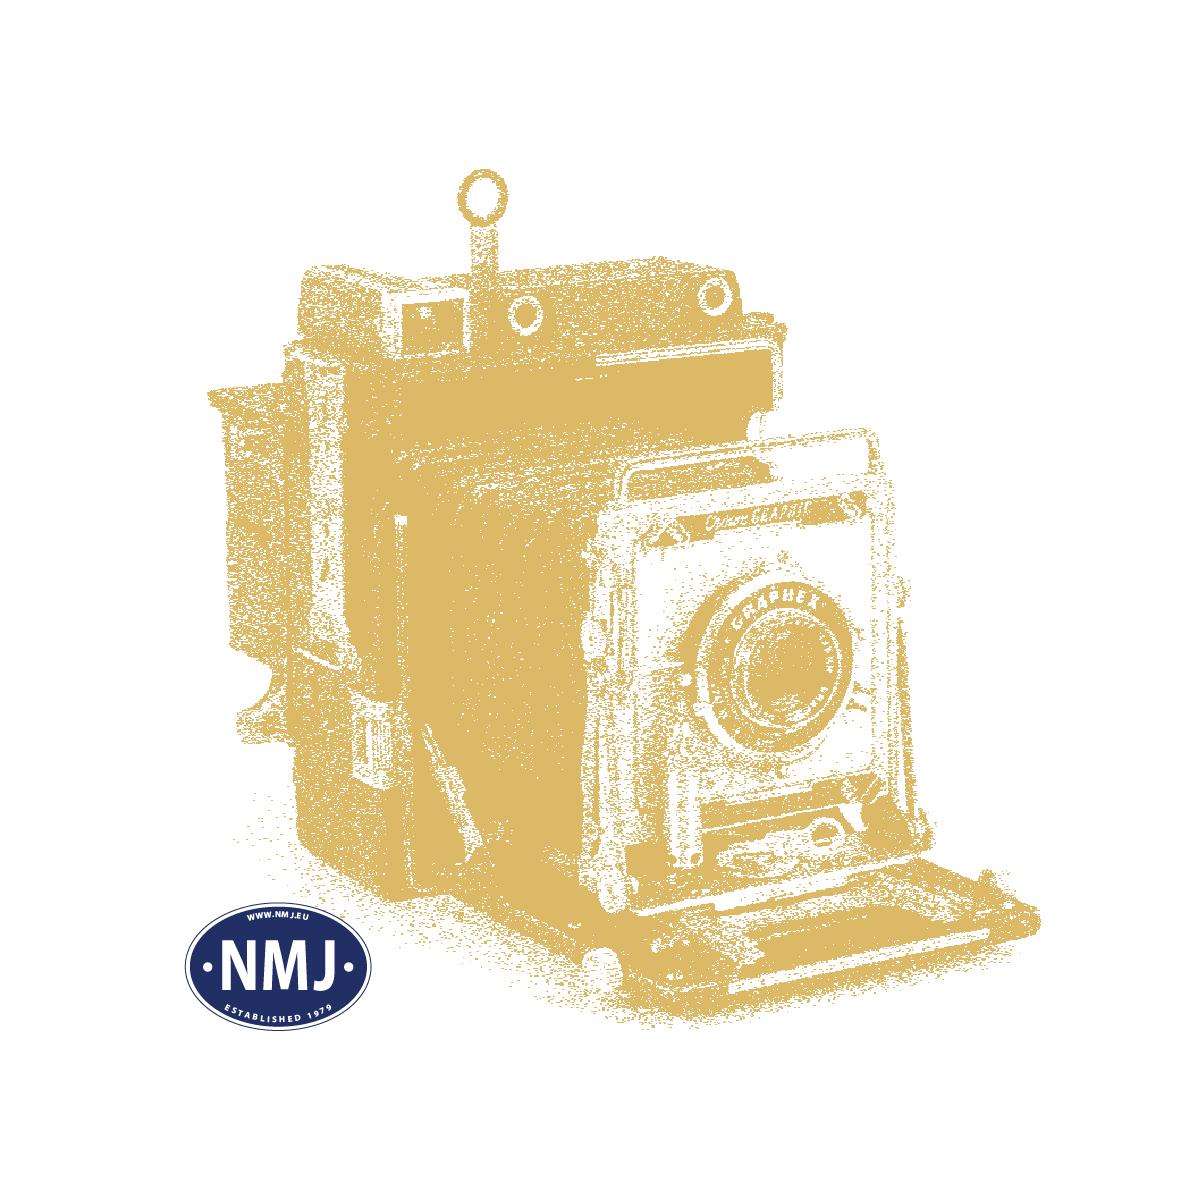 NMJT90301 - NMJ Topline CFL 1603, fra 1956-1971, DC